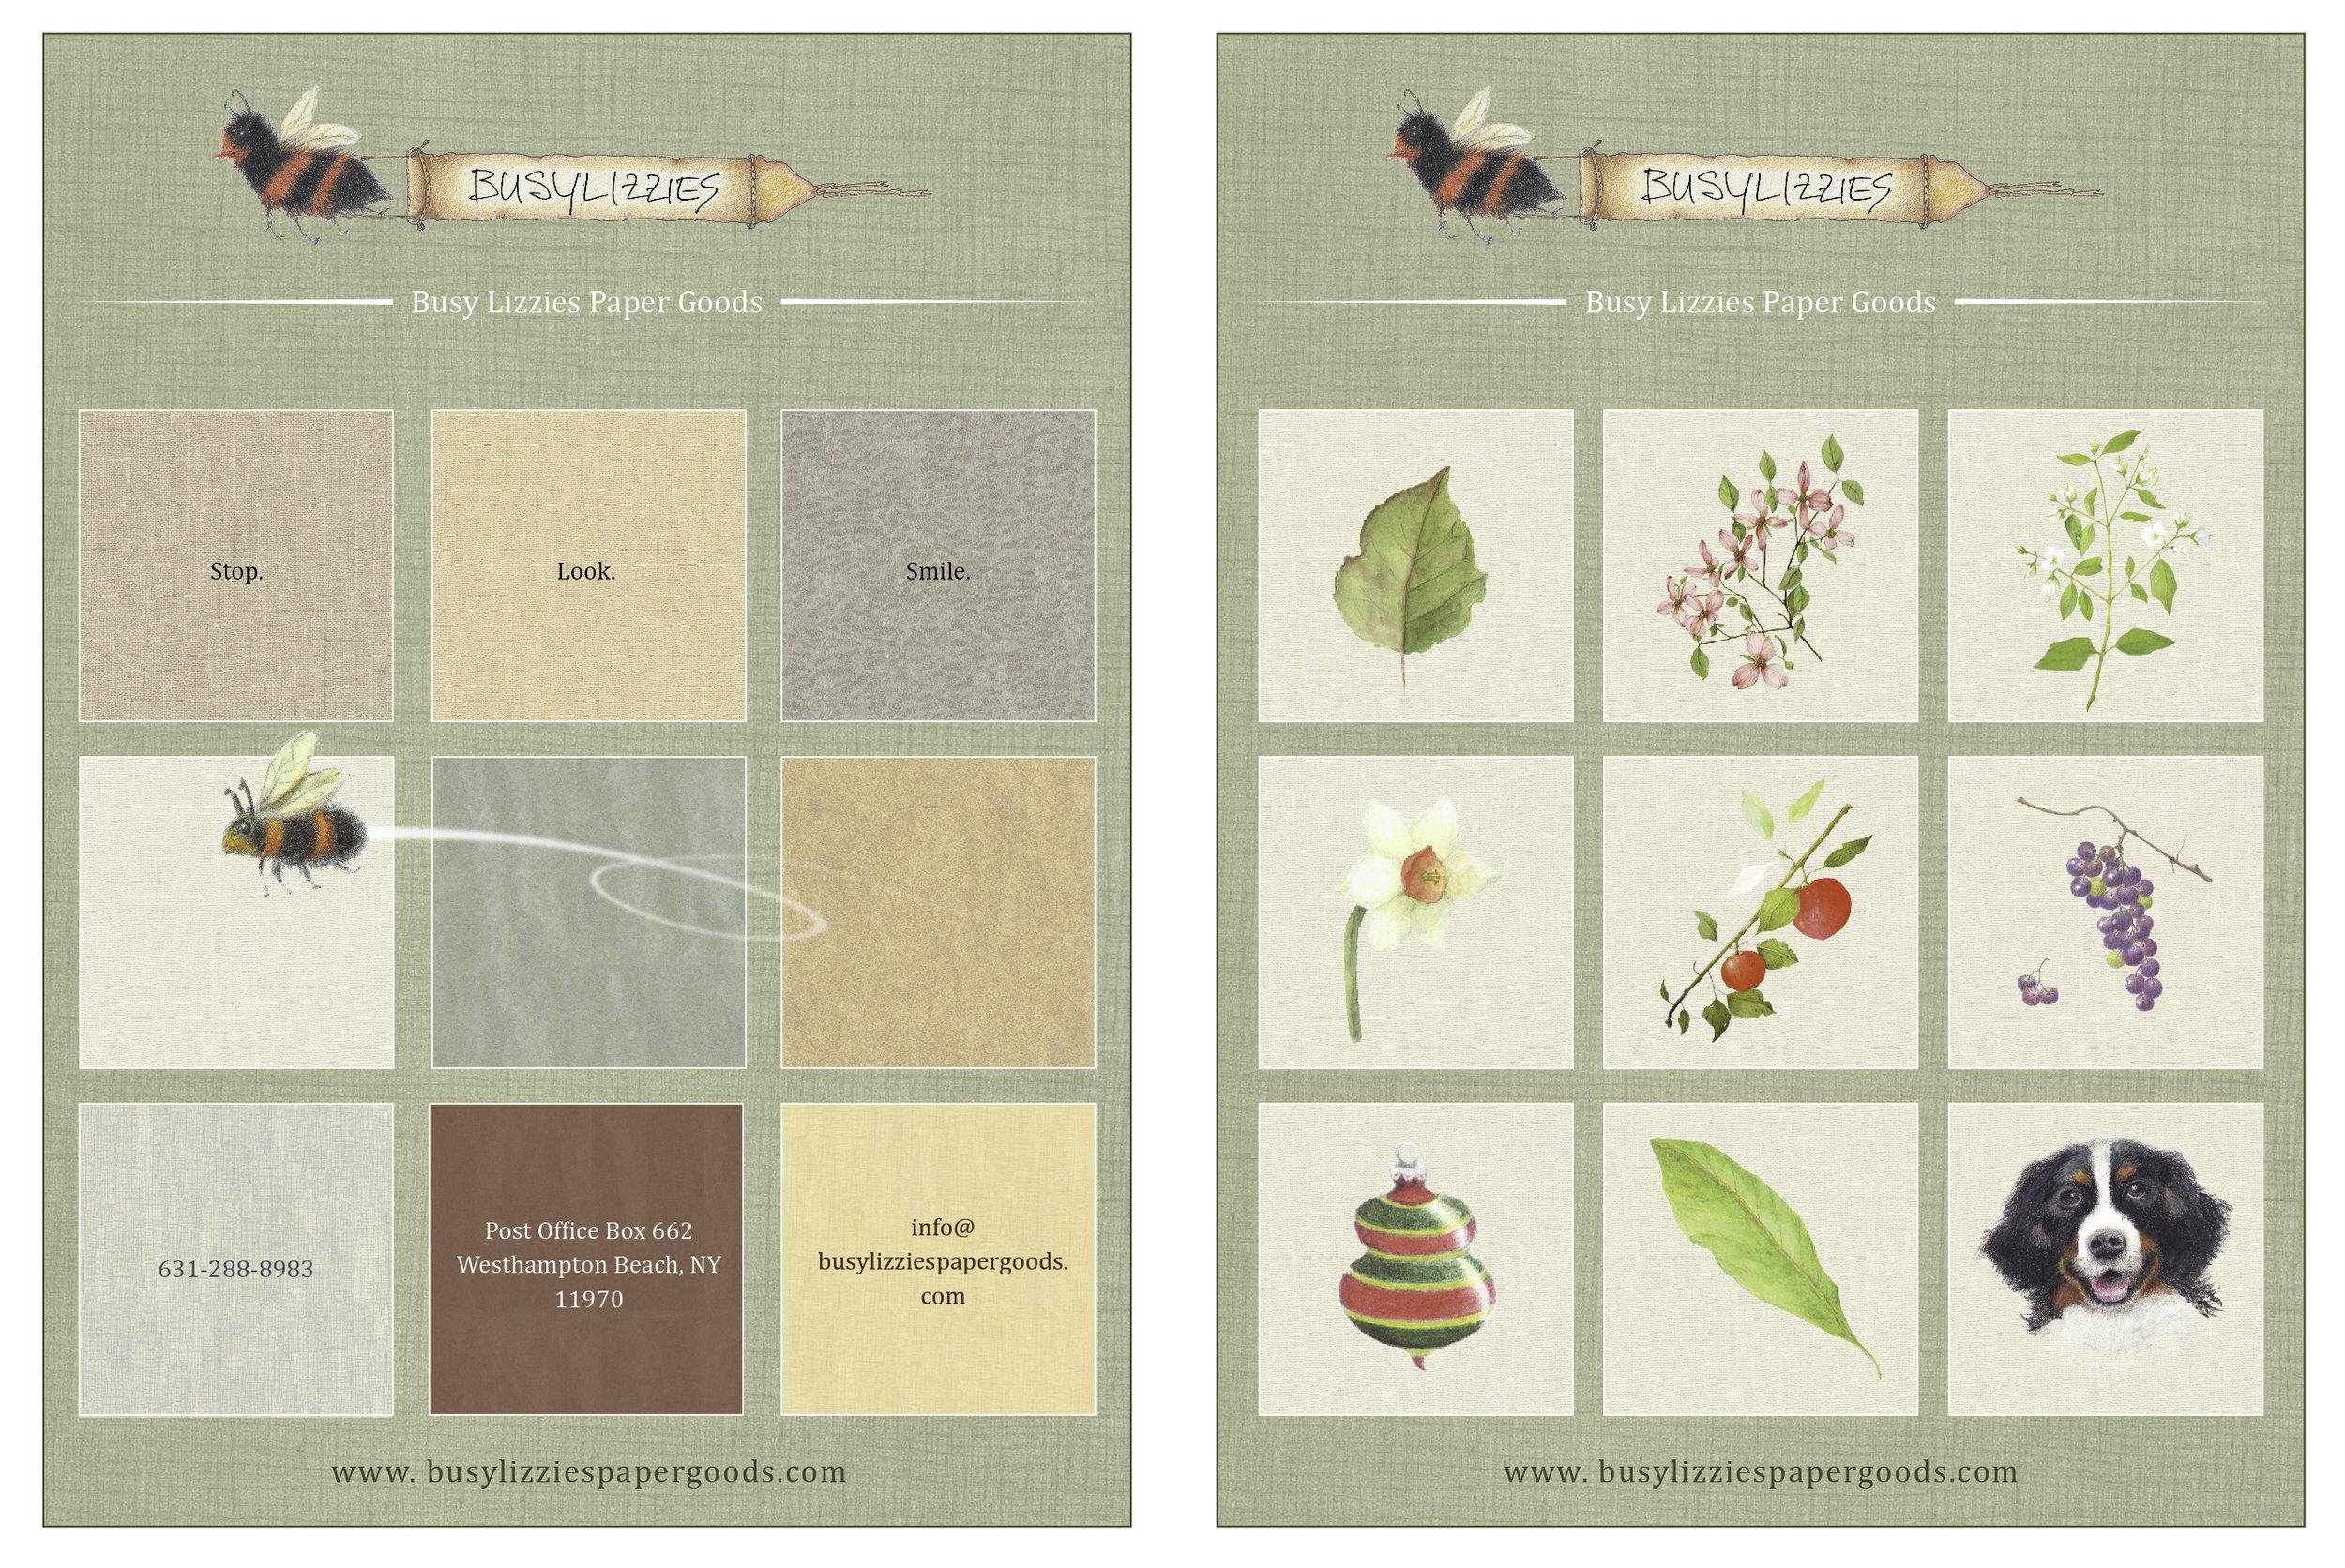 Busy Lizzies Folder-01.jpg